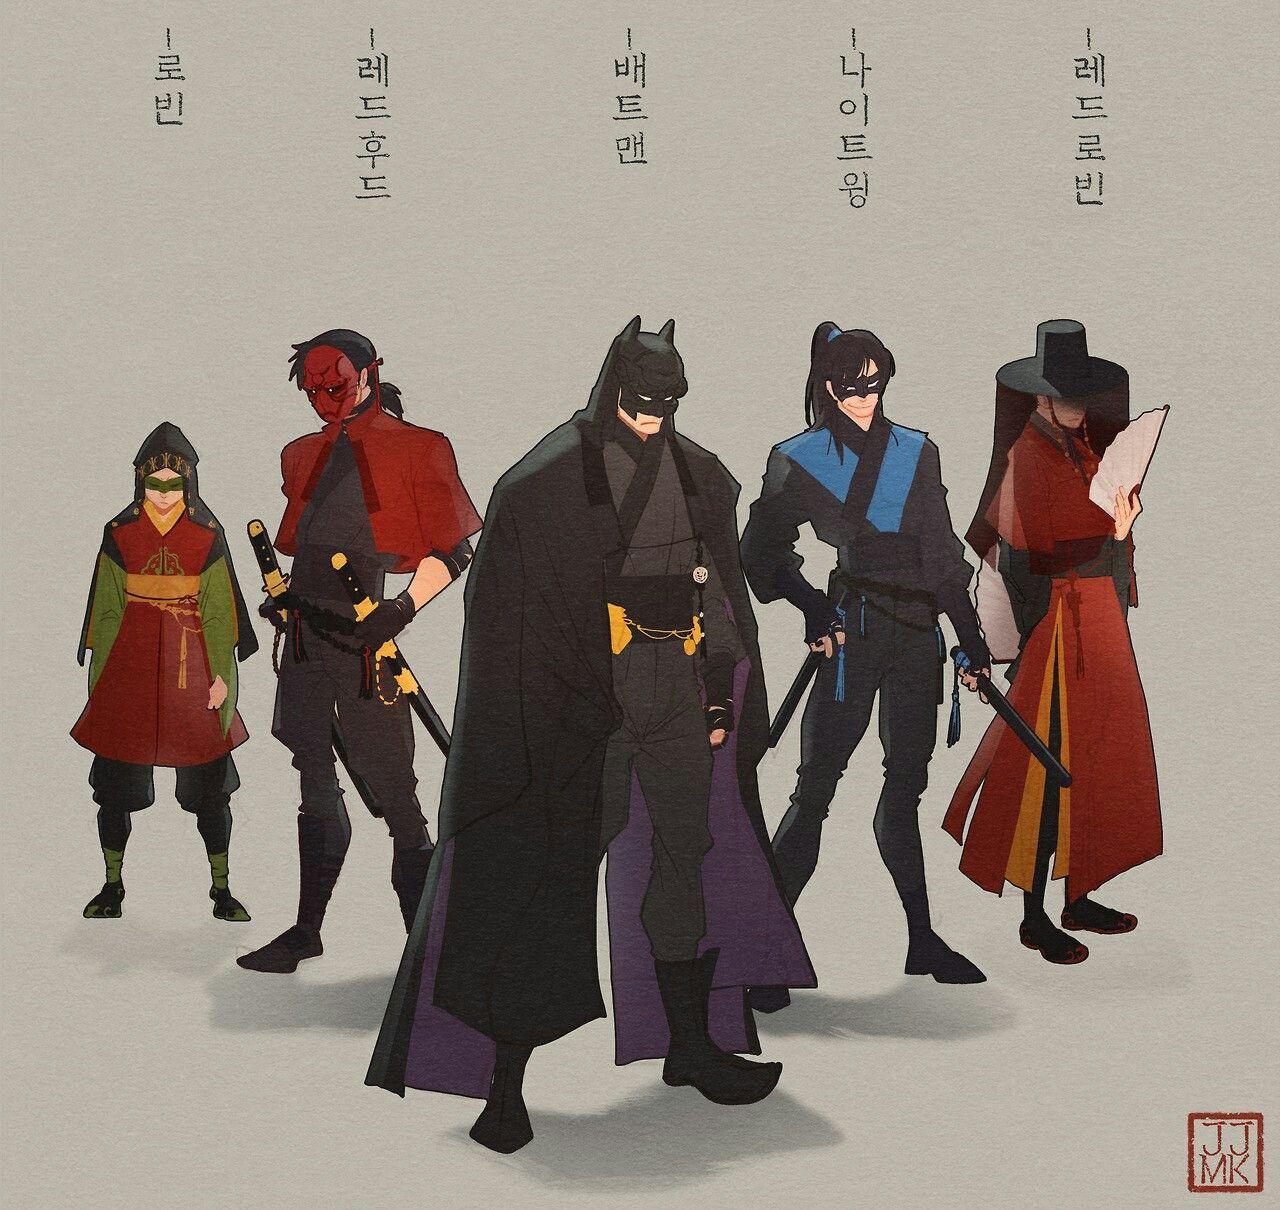 نتیجه تصویری برای batman ninja fanart Pinterest